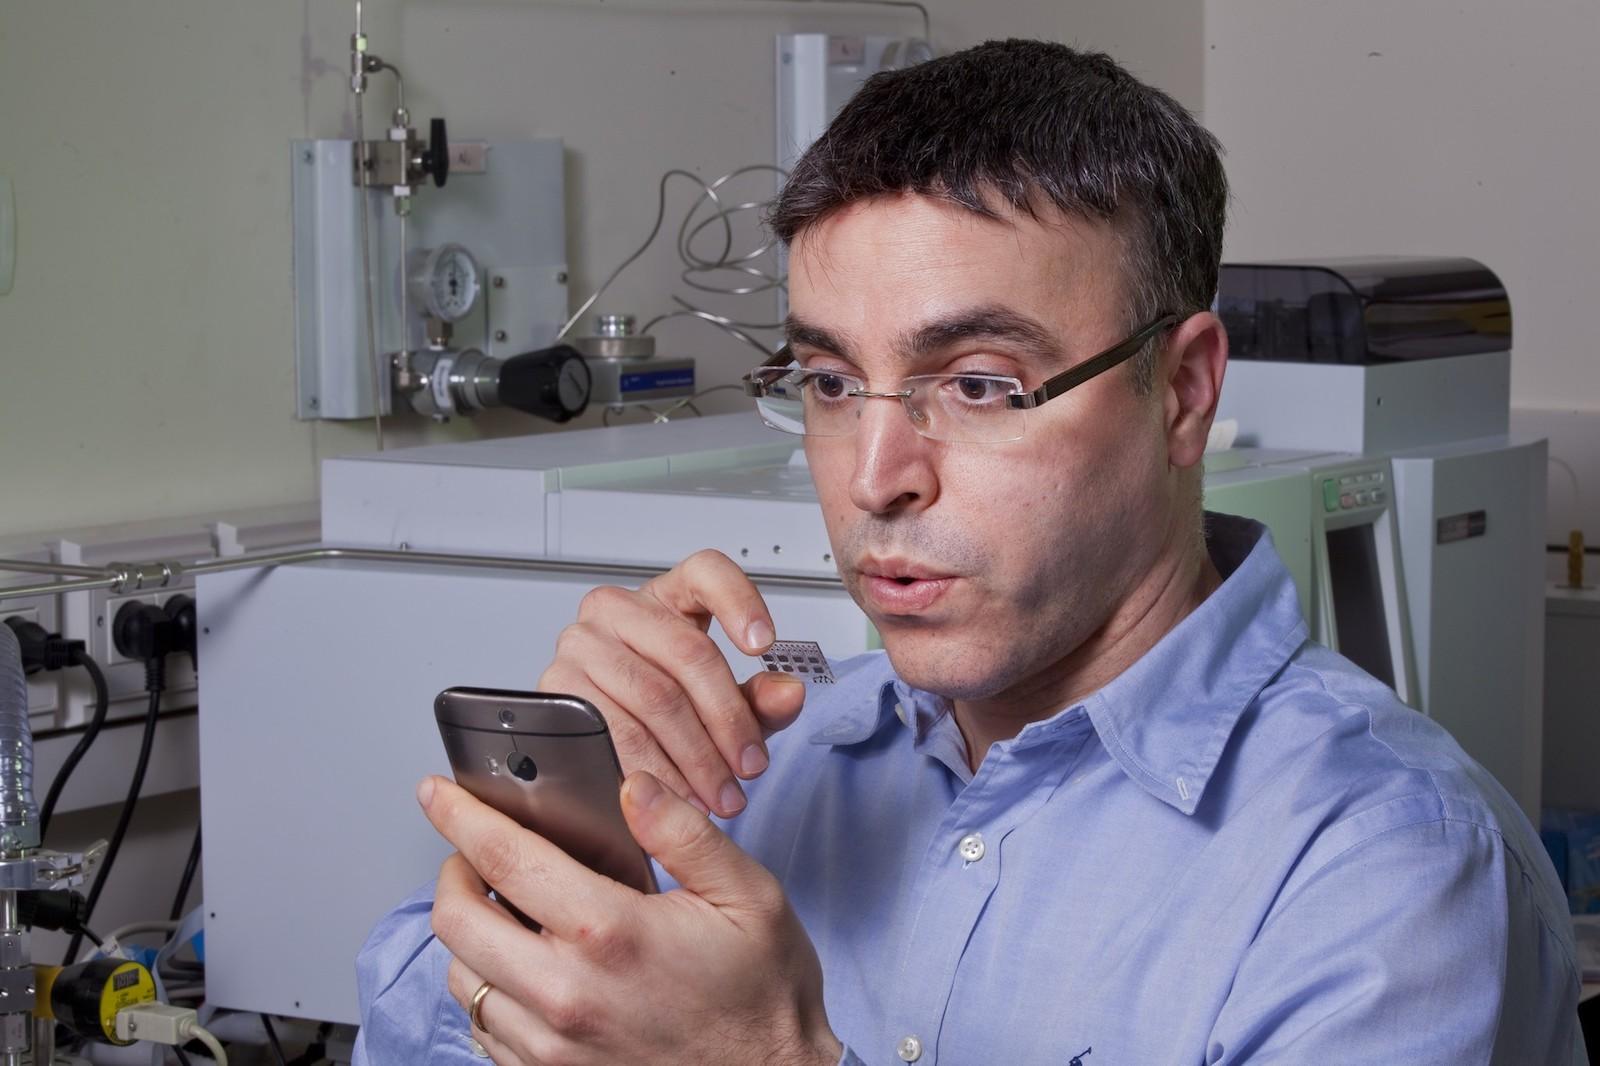 Nové zařízení dokáže detekovat známky Parkinsonovy nemoci na základě dechu člověka